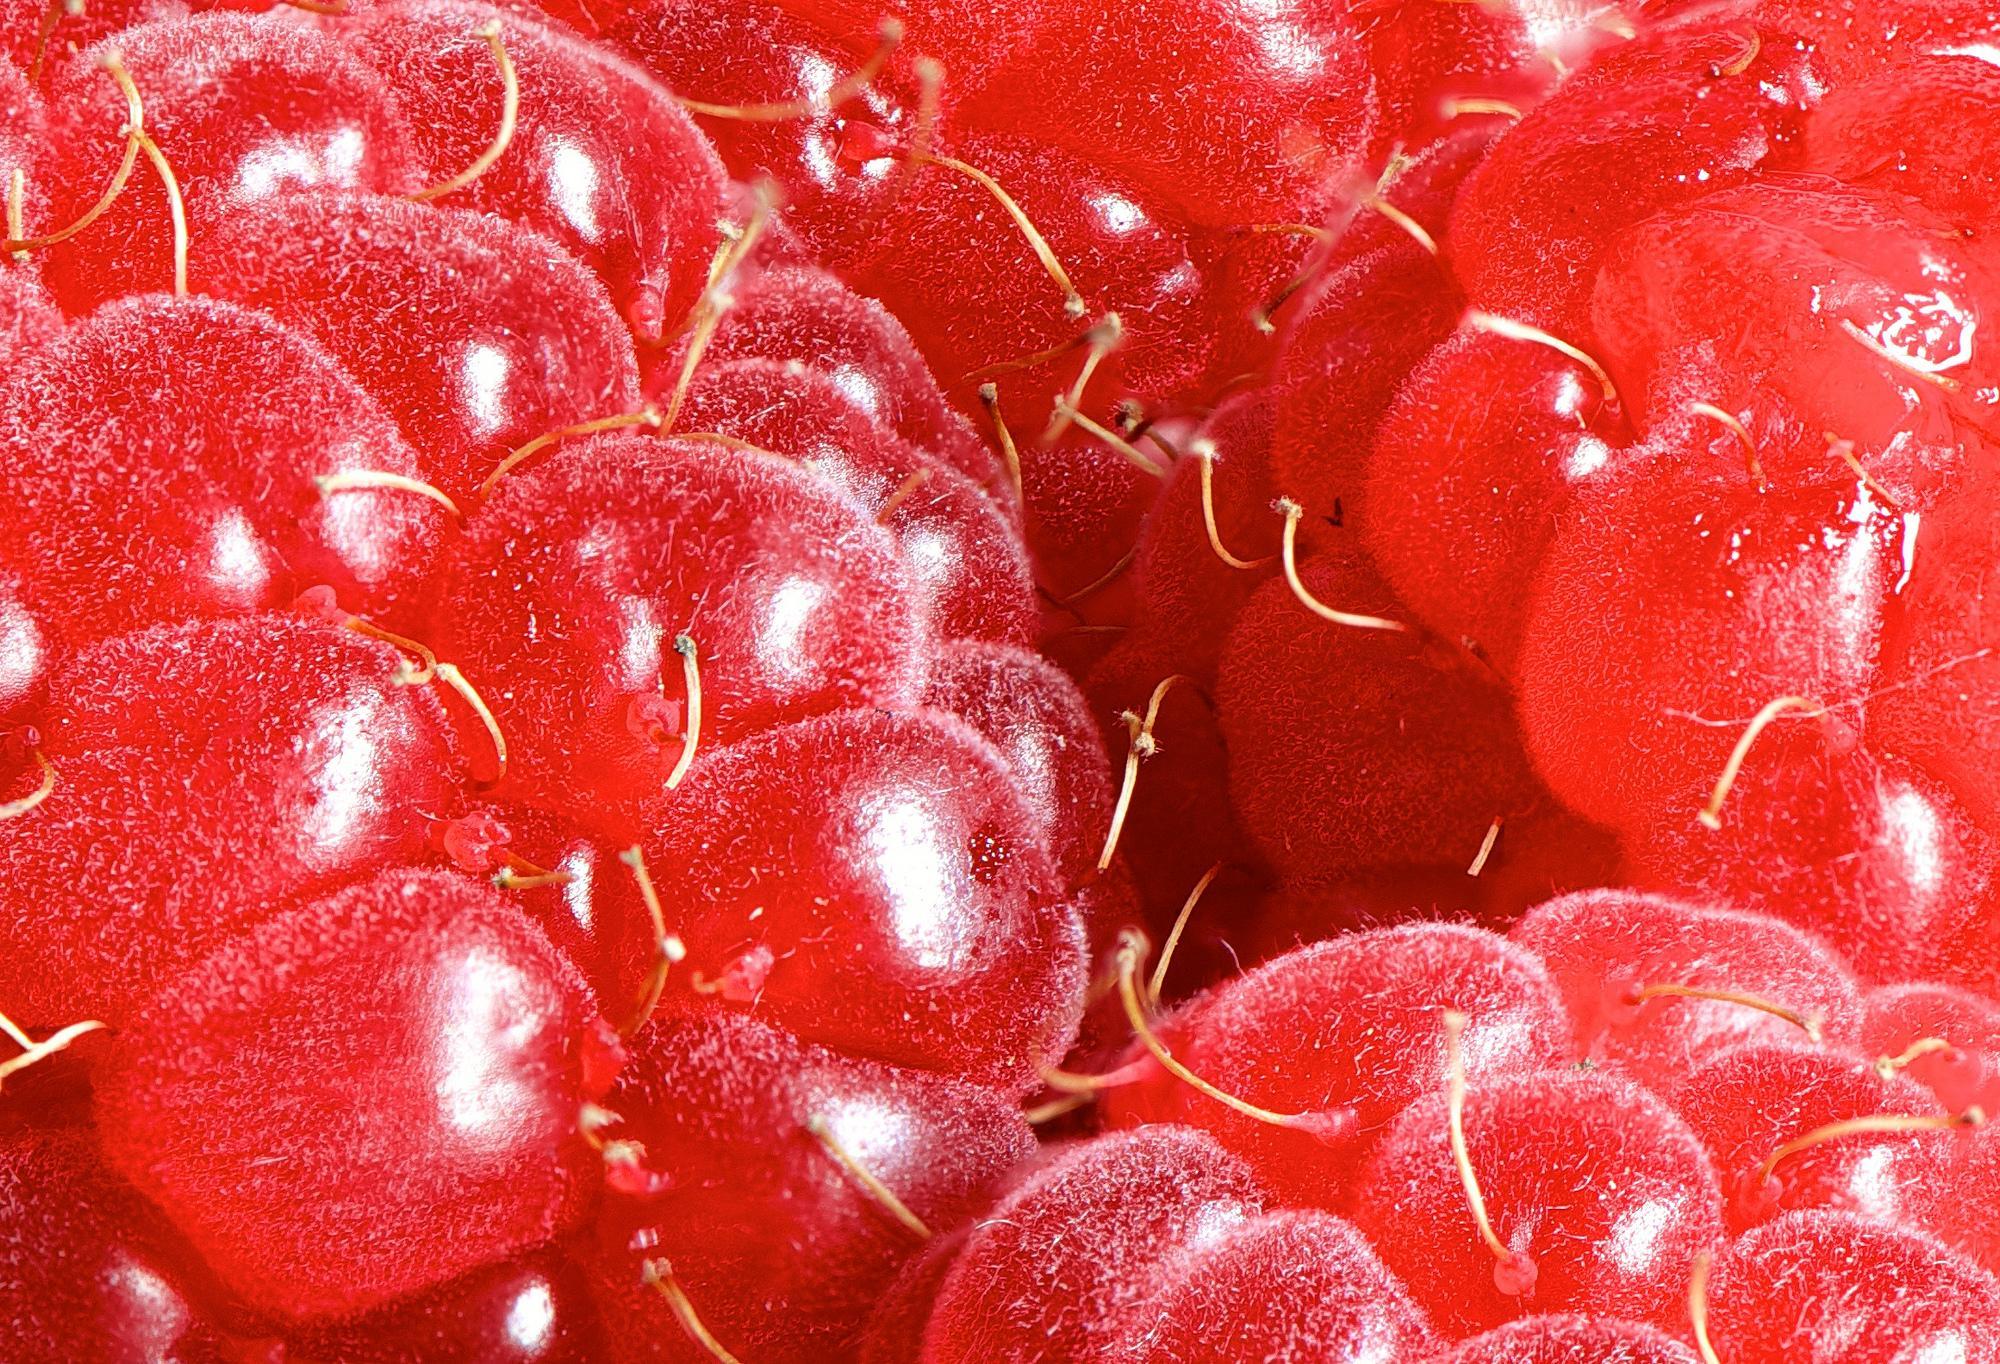 Raspberries (macro)